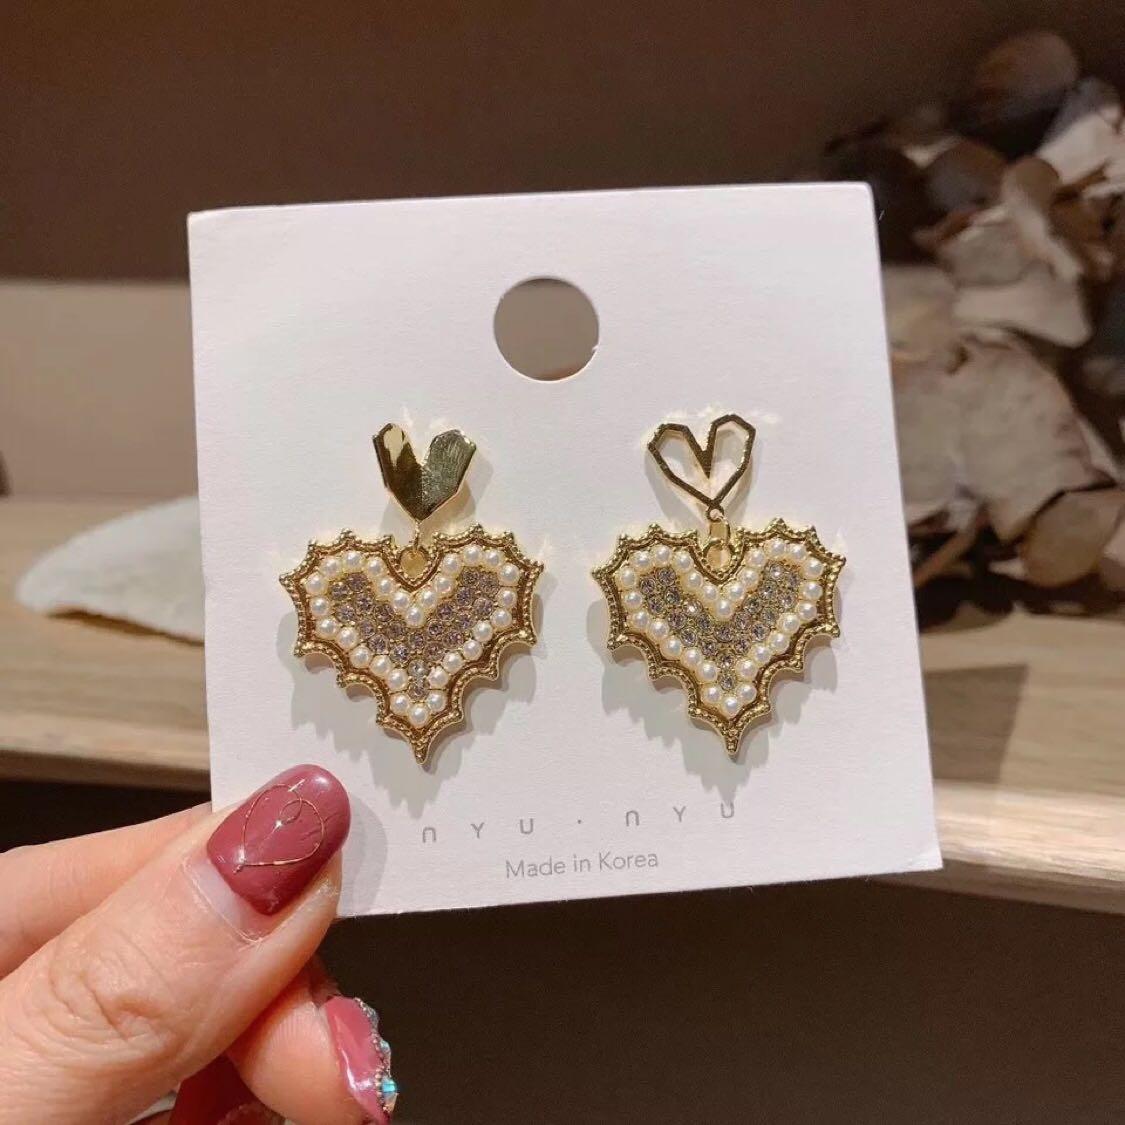 韩国东大门爱心镶钻珍珠S925银针气质时尚心形创意泫雅同款耳环